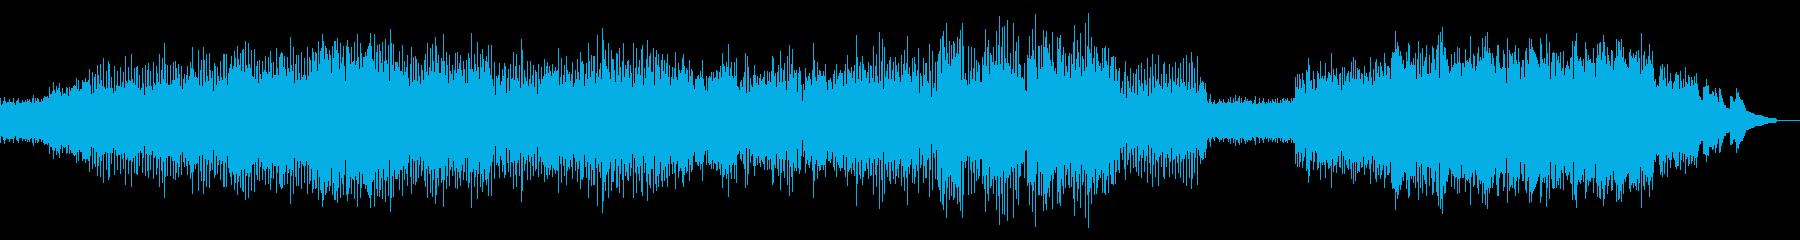 幕開けやタイトルに最適なテクノBGMの再生済みの波形